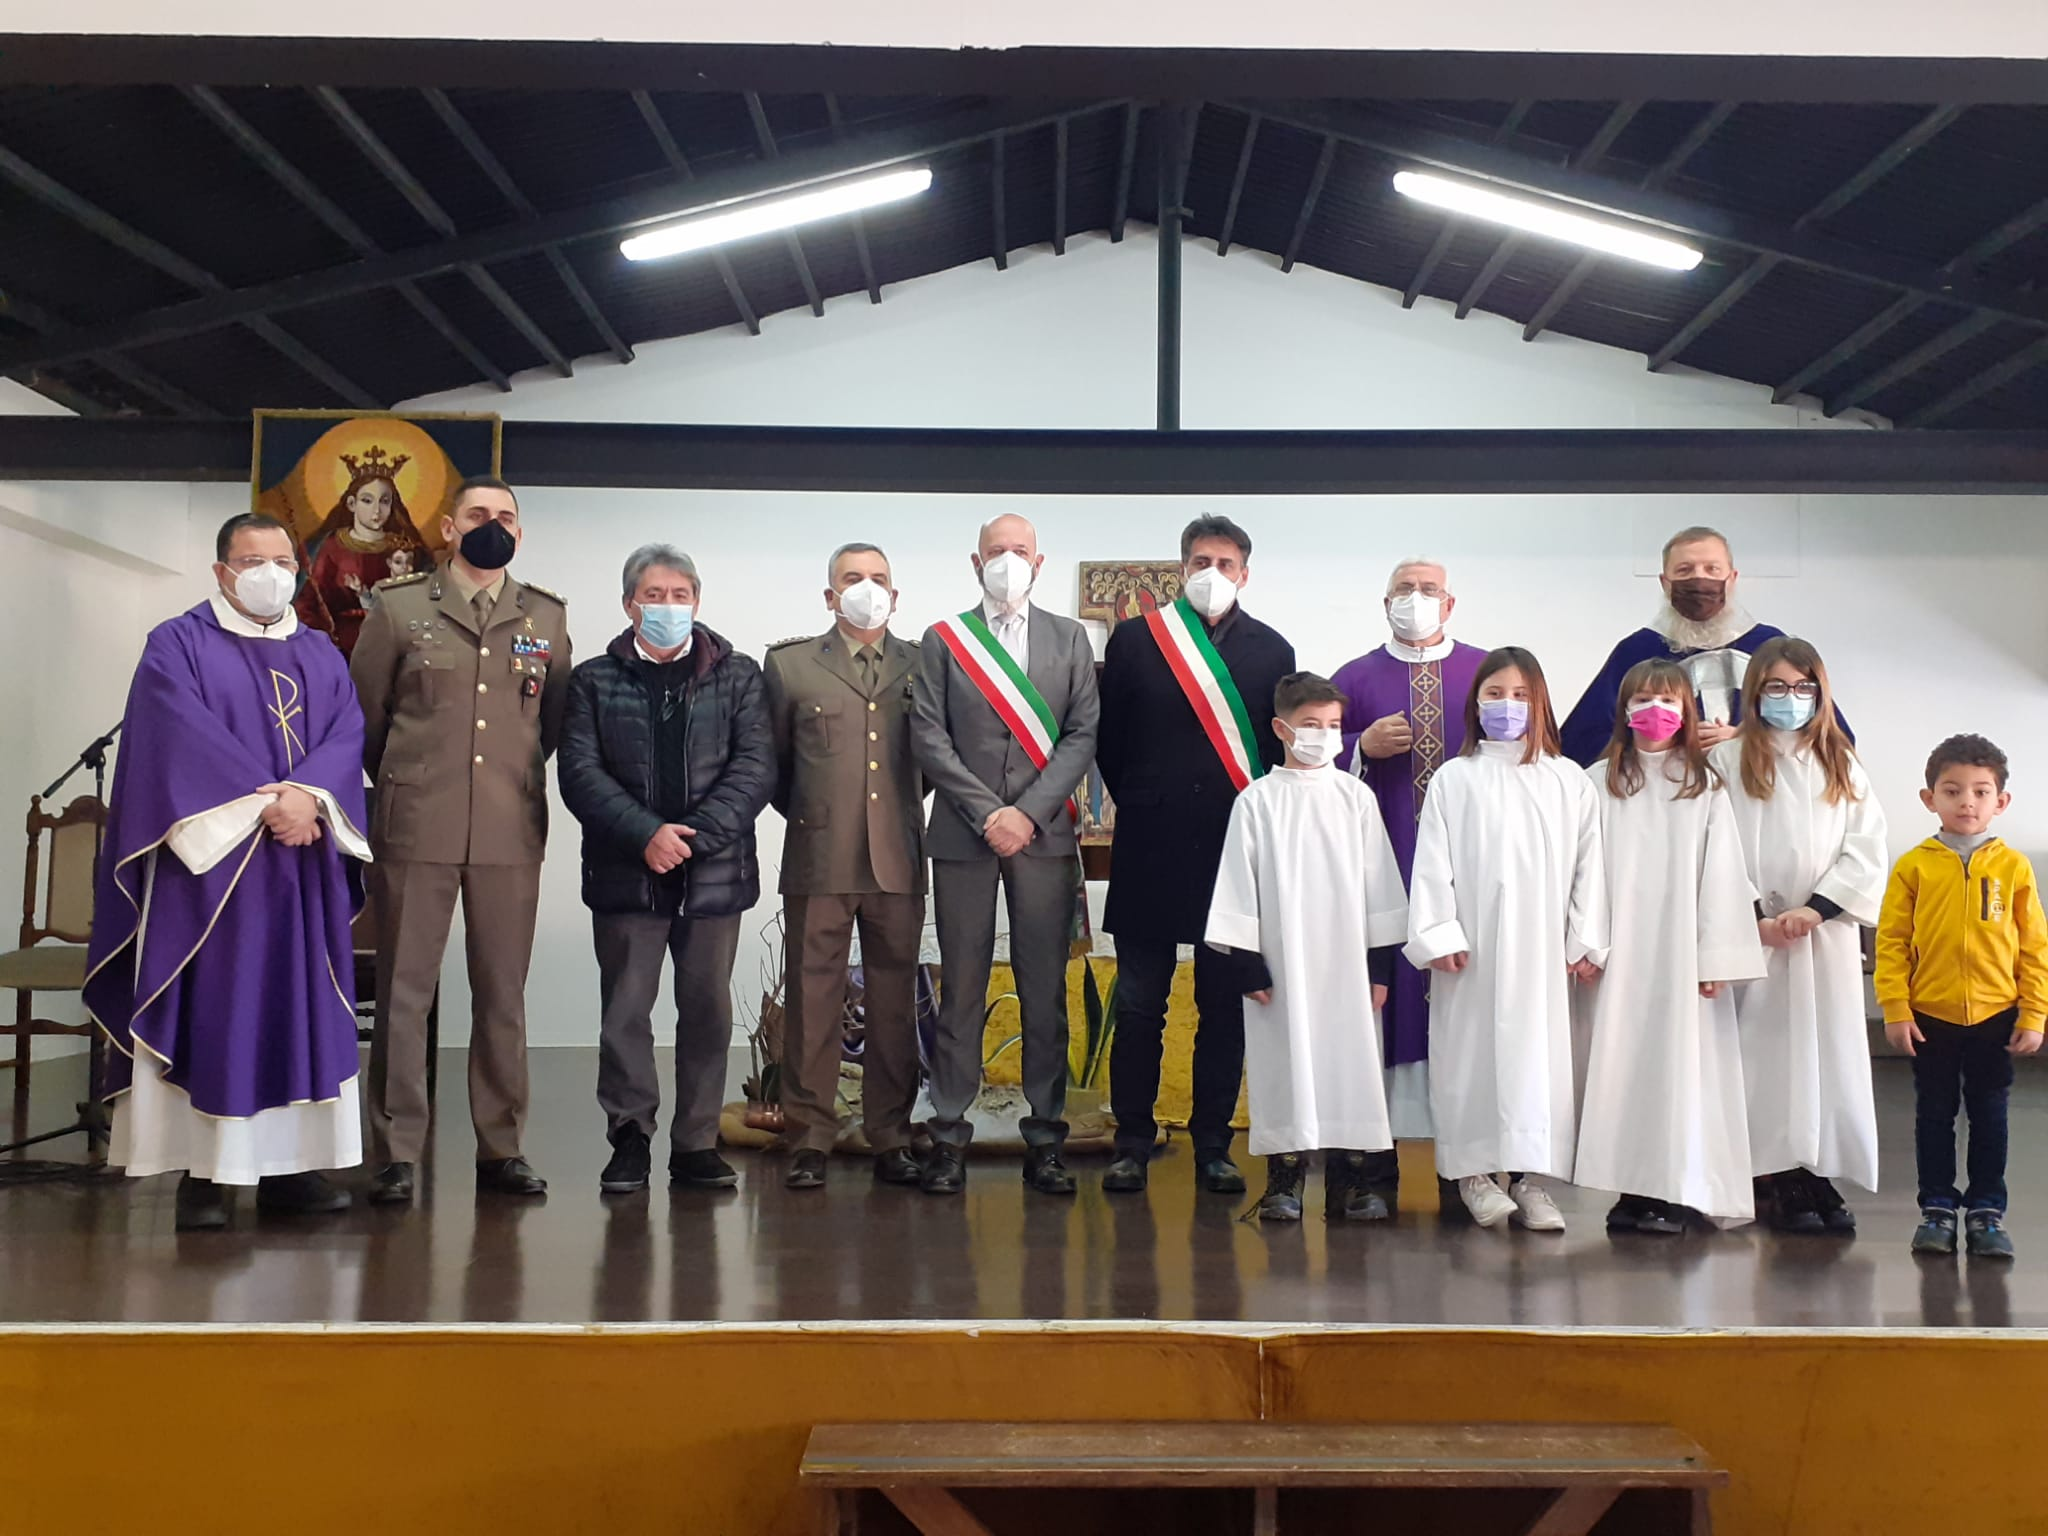 Cerimonia per il gemellaggio tra l'11° Reggimento e la città di Leonessa